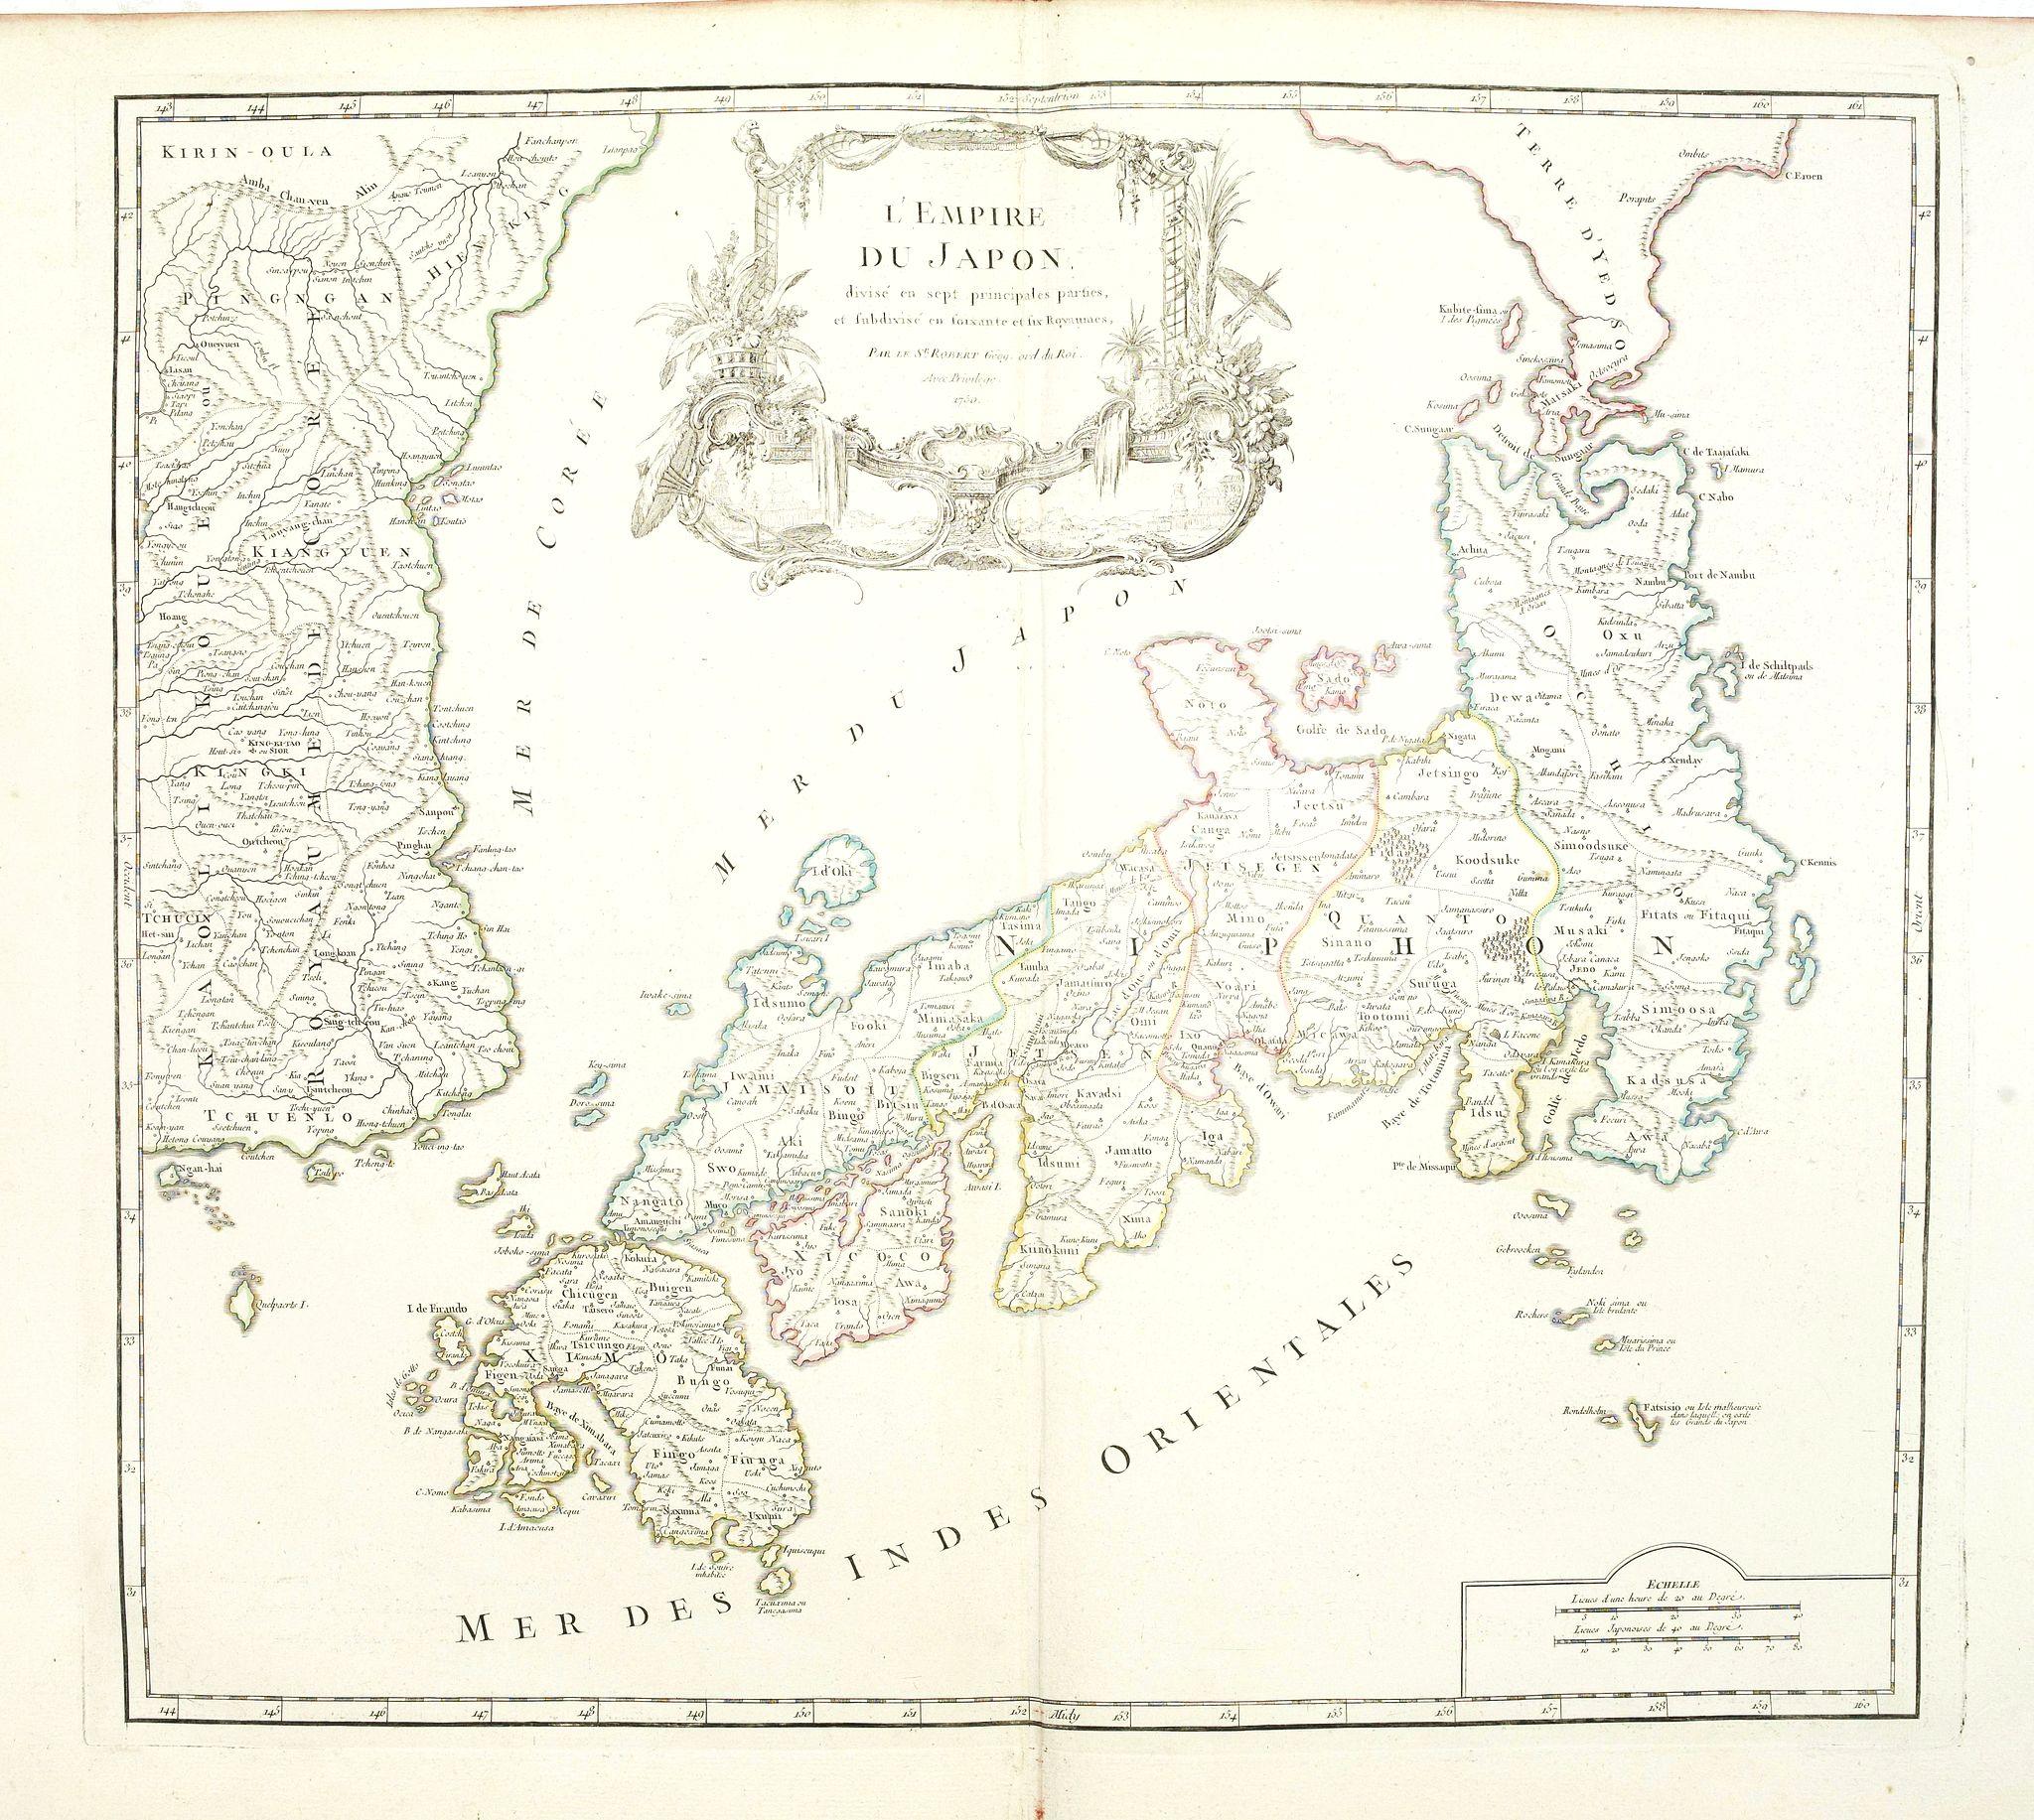 VAUGONDY, R. de -  L'Empire du Japon divisé en sept principales parties. . .